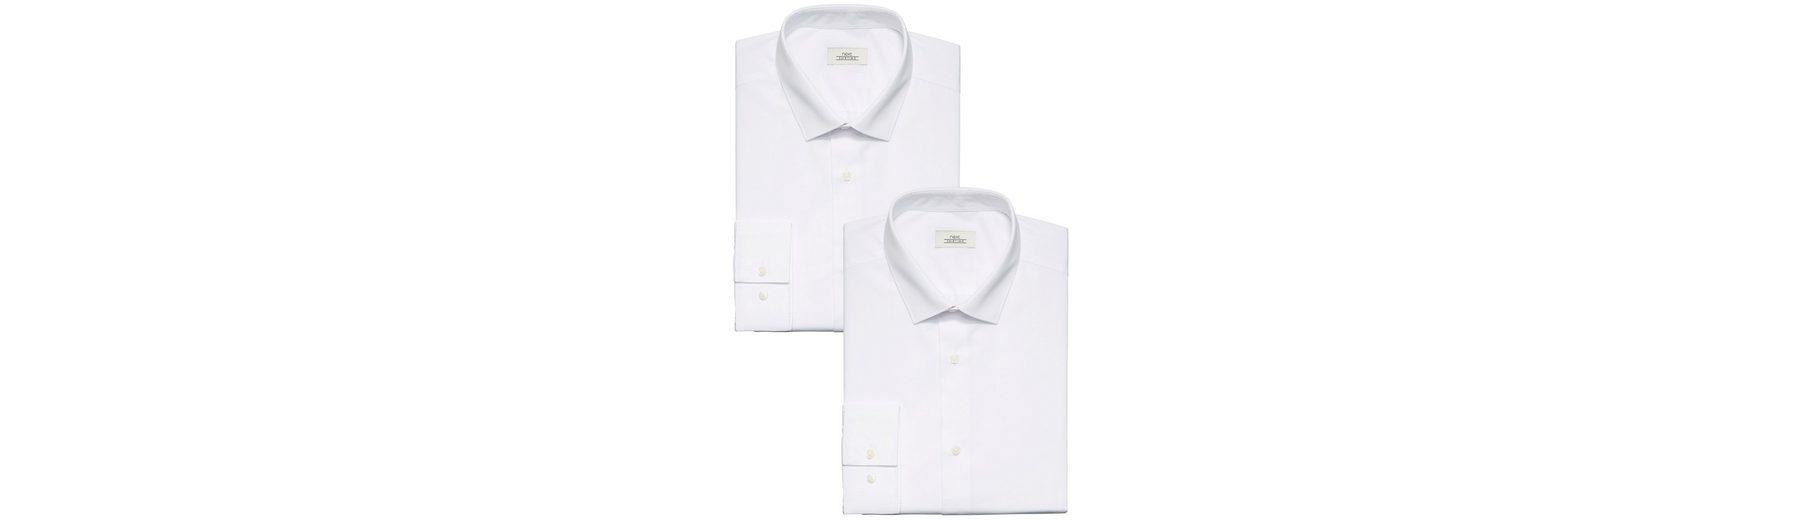 Next Unifarbige Hemden, weiß, 2er-Pack 2 teilig